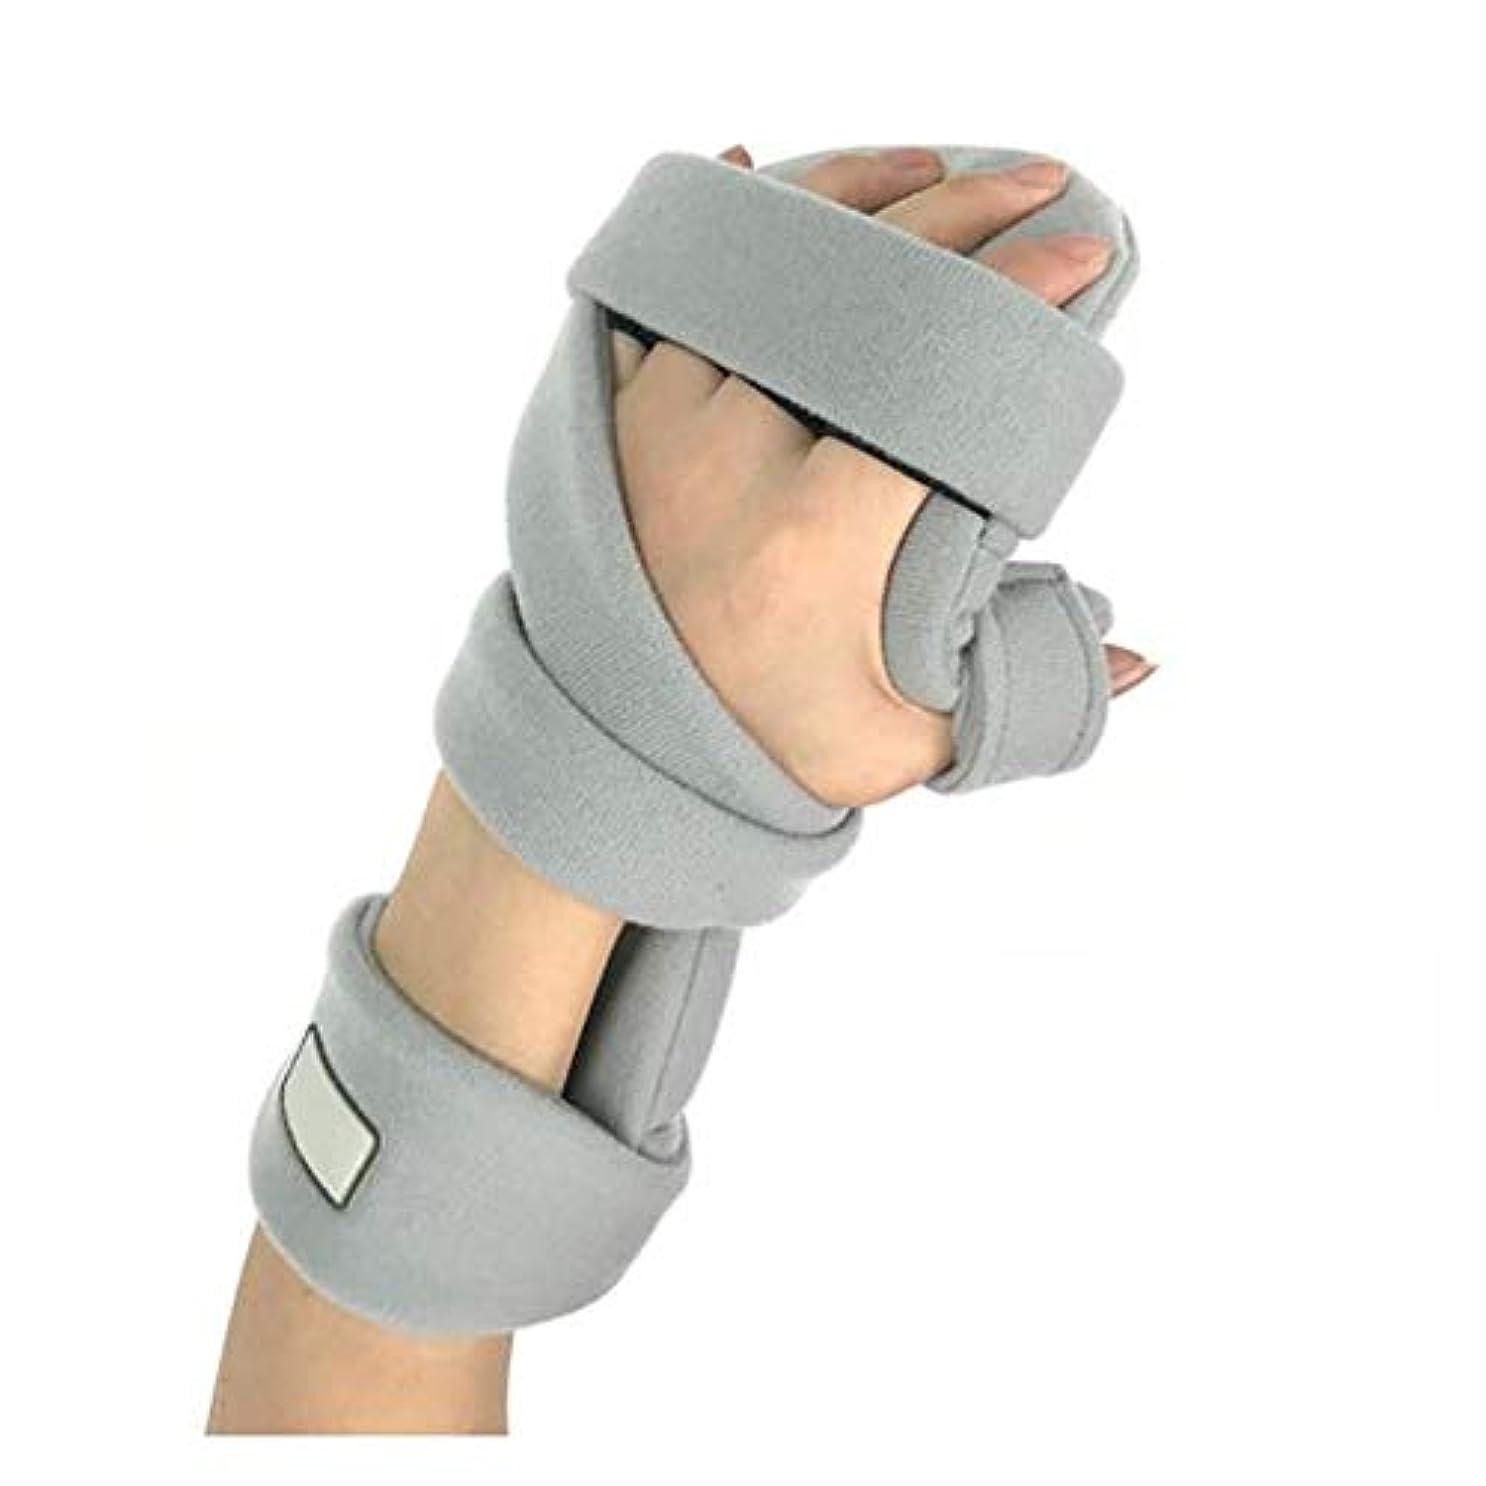 船上キャンドル輸送手骨折ナイトレストスプリント、痛み腱炎骨折脱臼のための調節可能な手首ブレース指板,Righthand2pcs